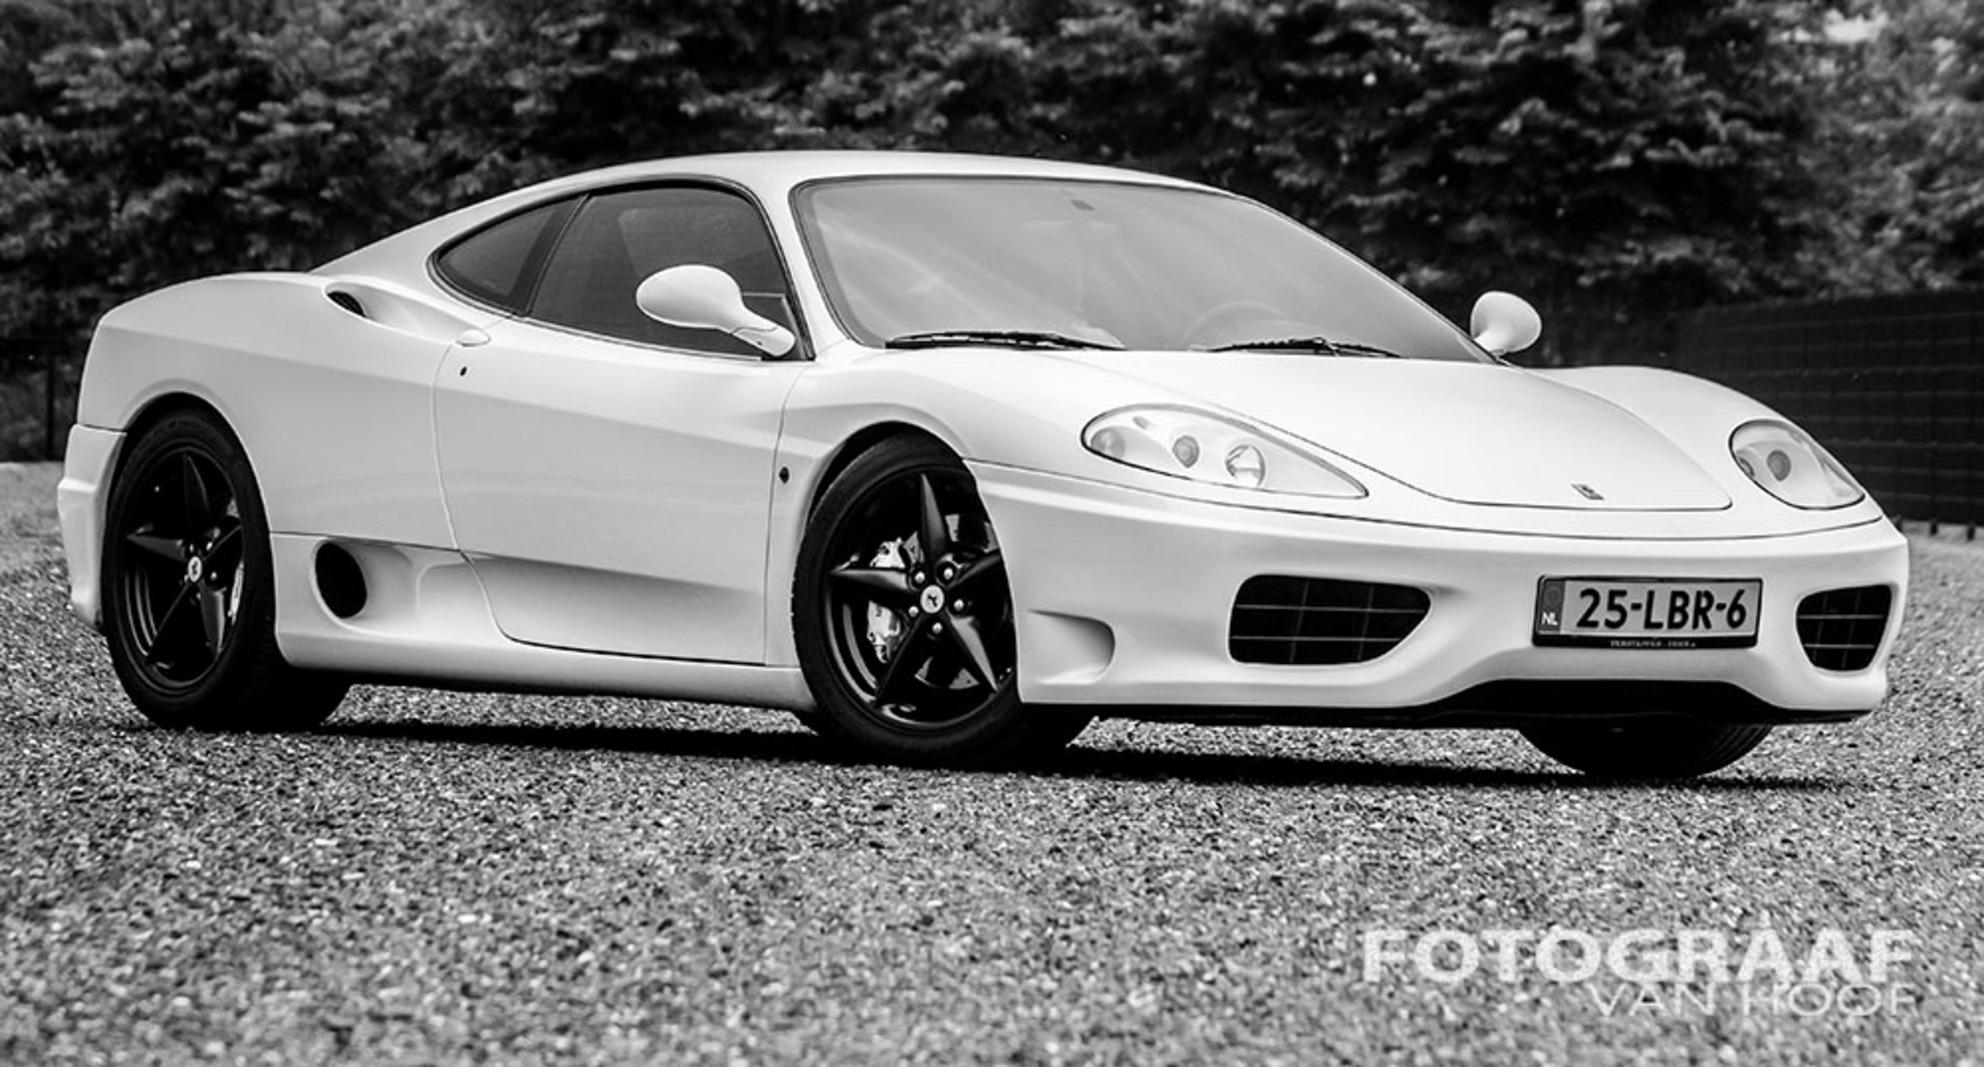 Ferrari 360 Modena - zeldzaam geval zo'n witte 360 Modena. als verrassing van een vriend mocht ik me er een uurtje met mijn camera op uitleven. - foto door frankhoof op 26-06-2013 - deze foto bevat: ferrari, design, italiaans, 360, modena, zwart wit